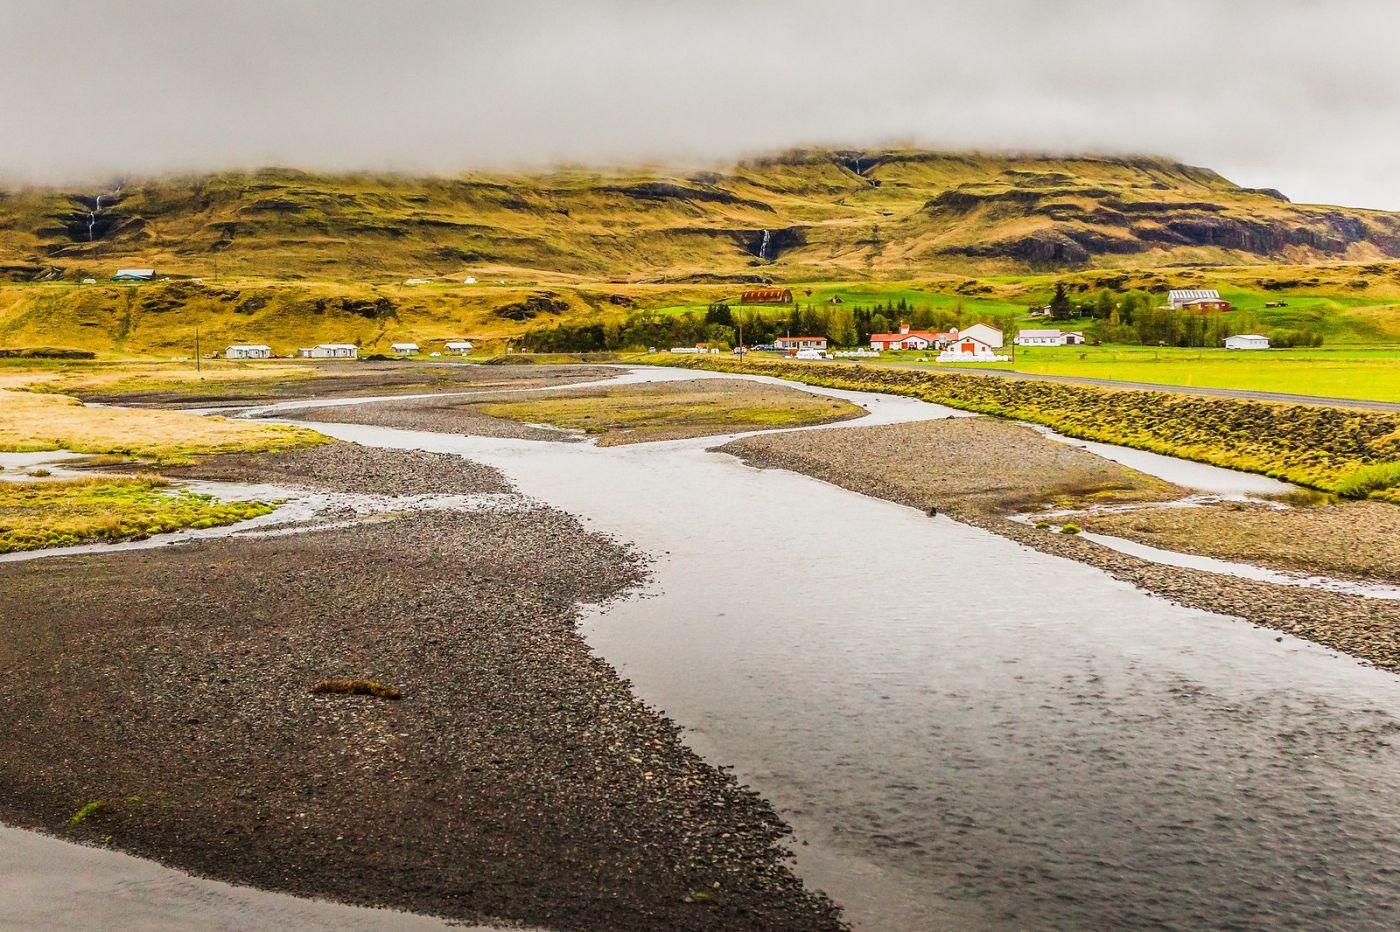 冰岛风采,那一片水景_图1-8